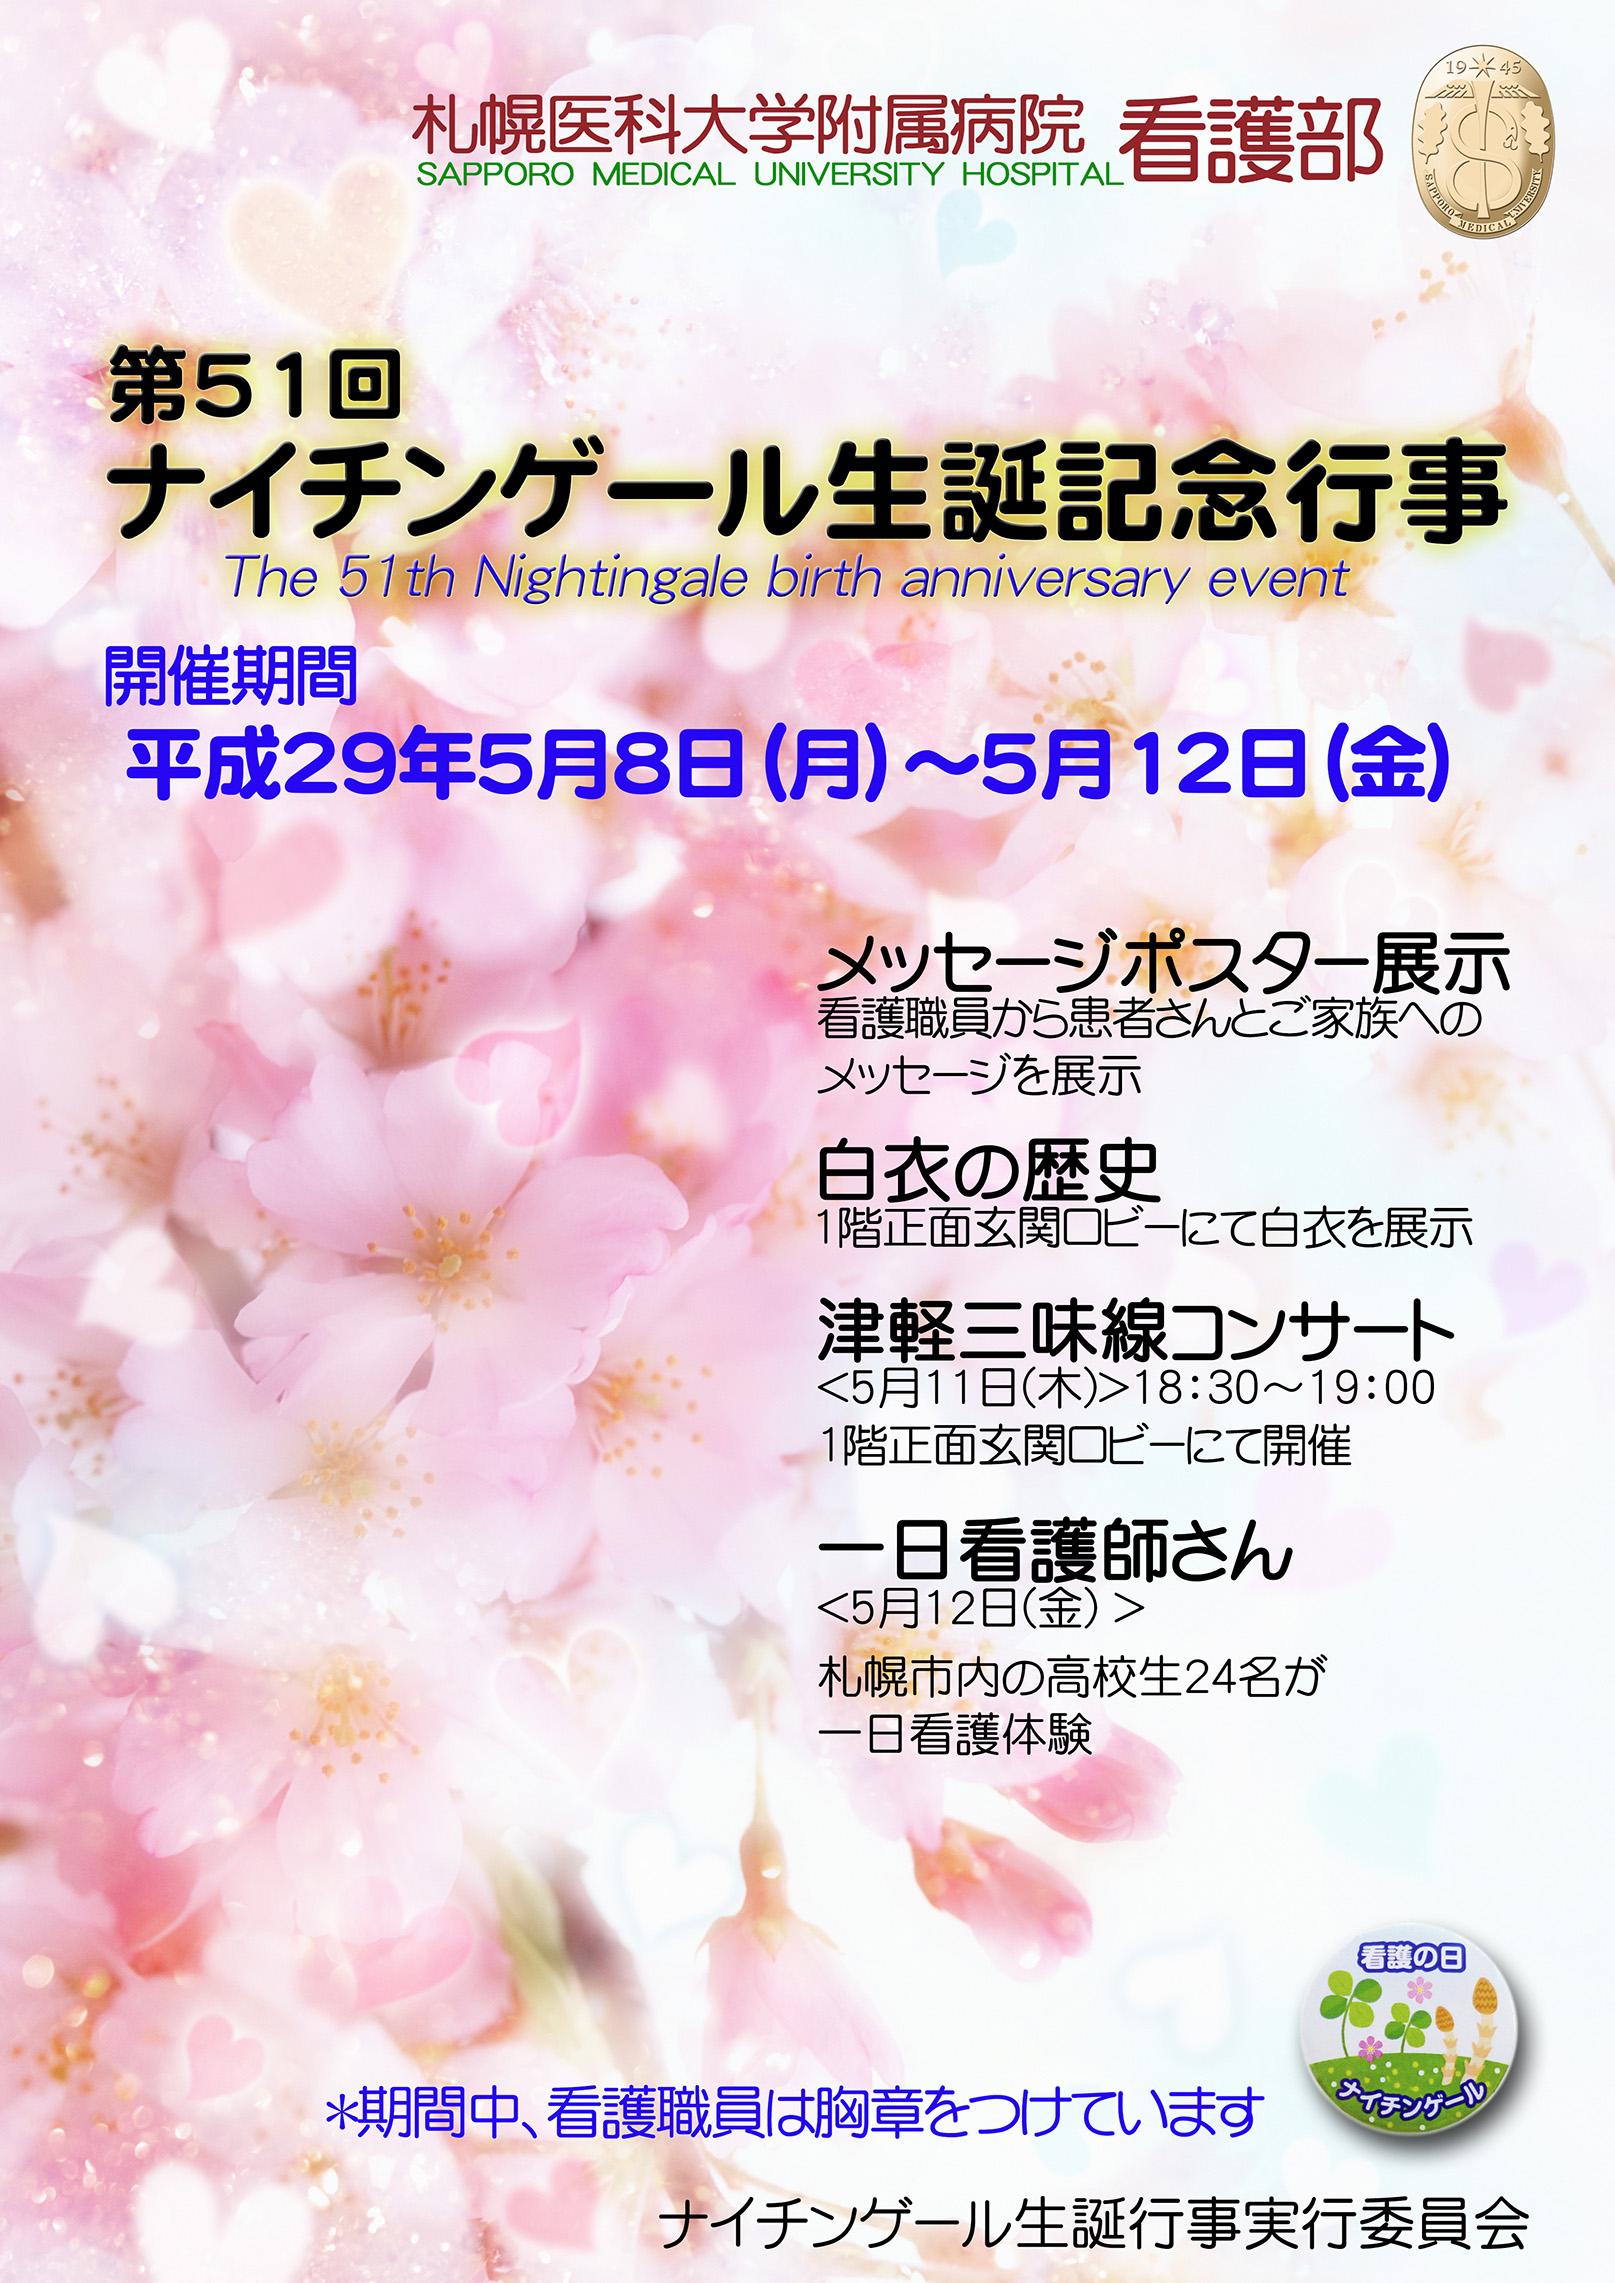 ナイチンゲール生誕記念行事ポスター